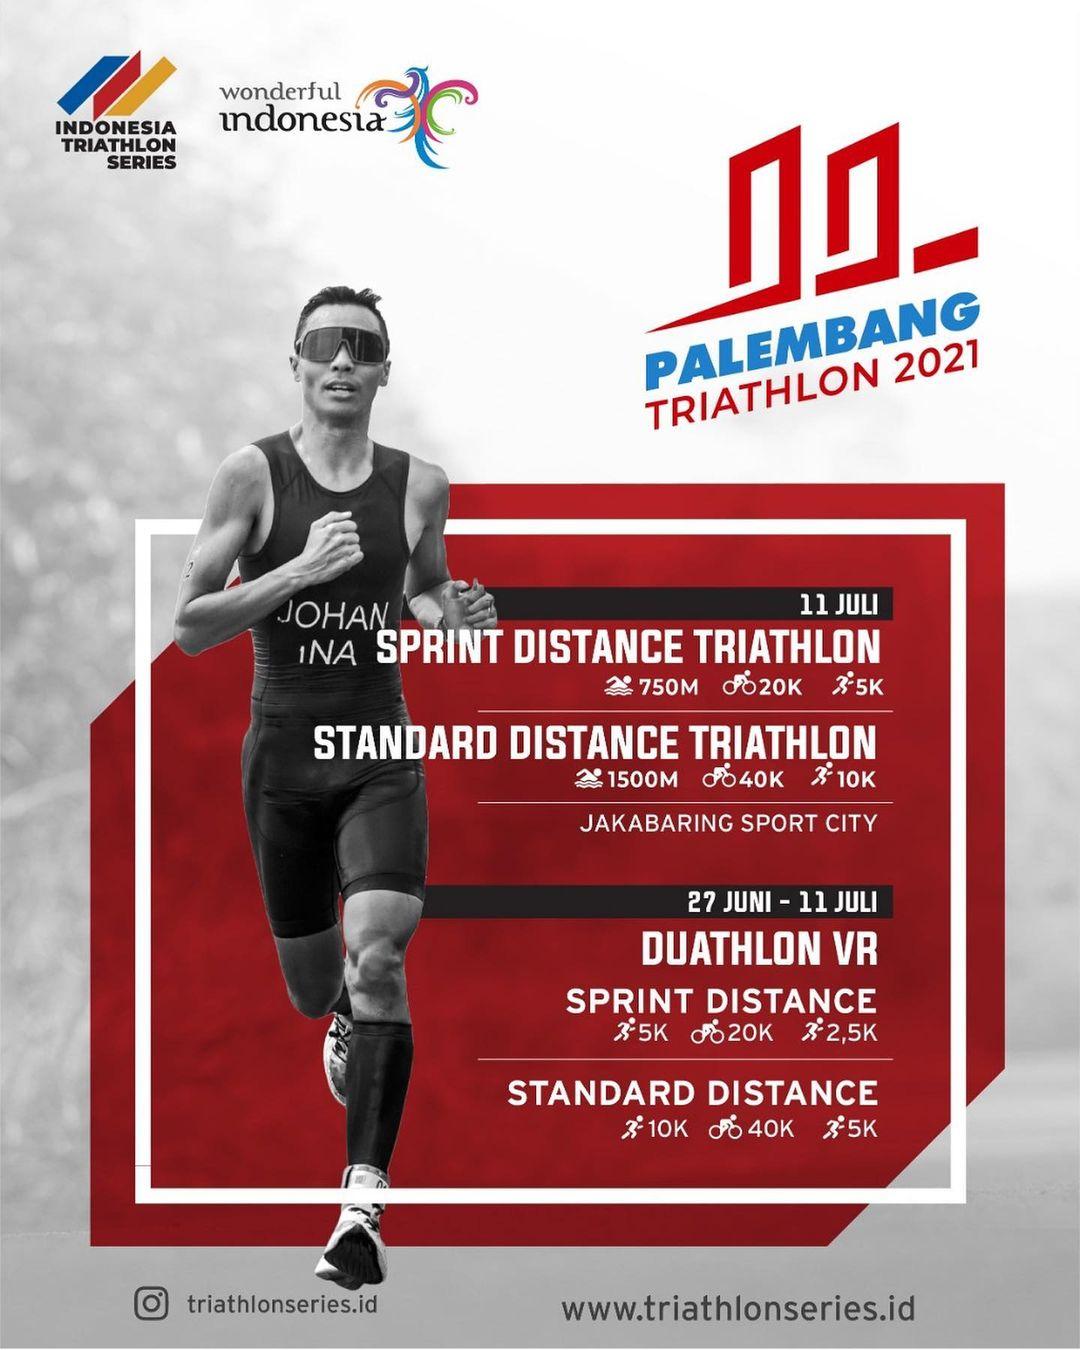 Palembang Triathlon • 2021